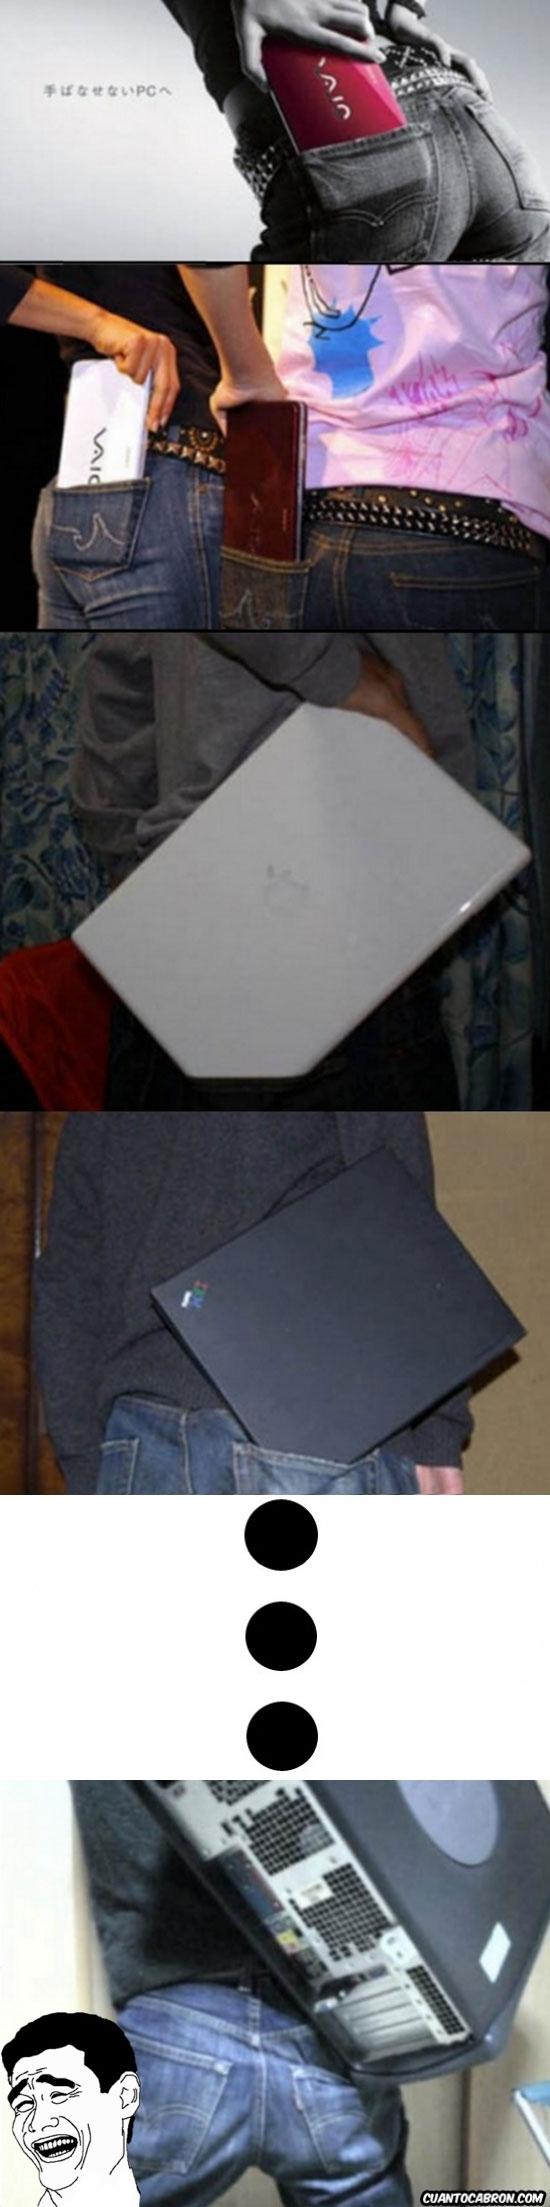 Yao - ¿Vuestro ordenador en un bolsillo? Me parece bien...